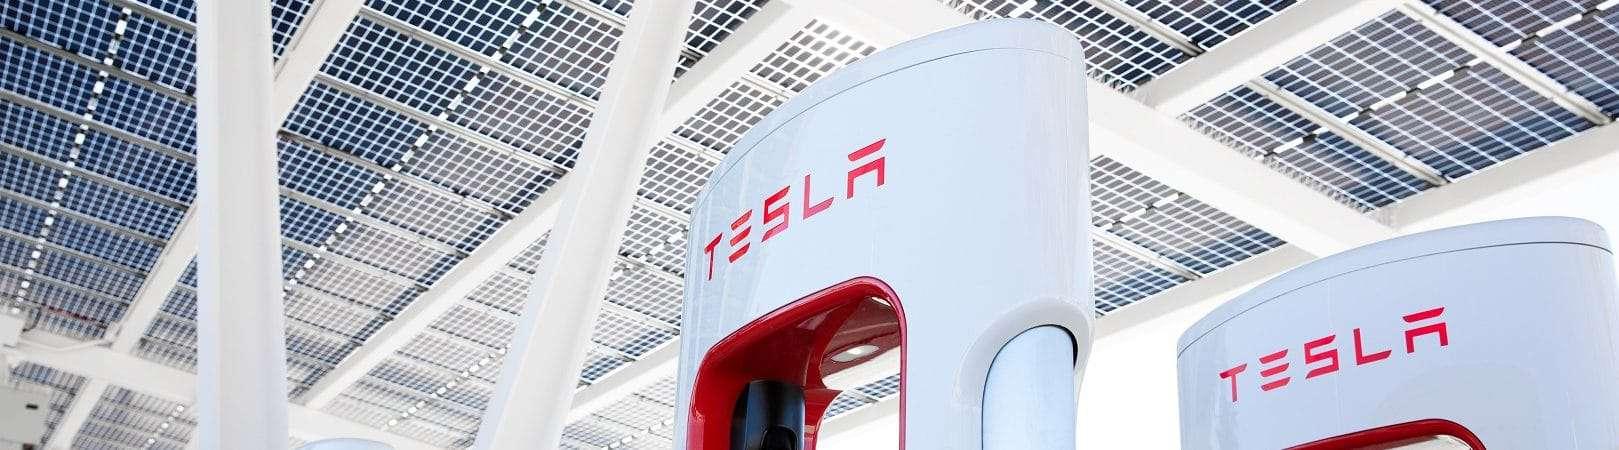 Estação Supercharger da Tesla. Imagem: Tesla/Divulgação